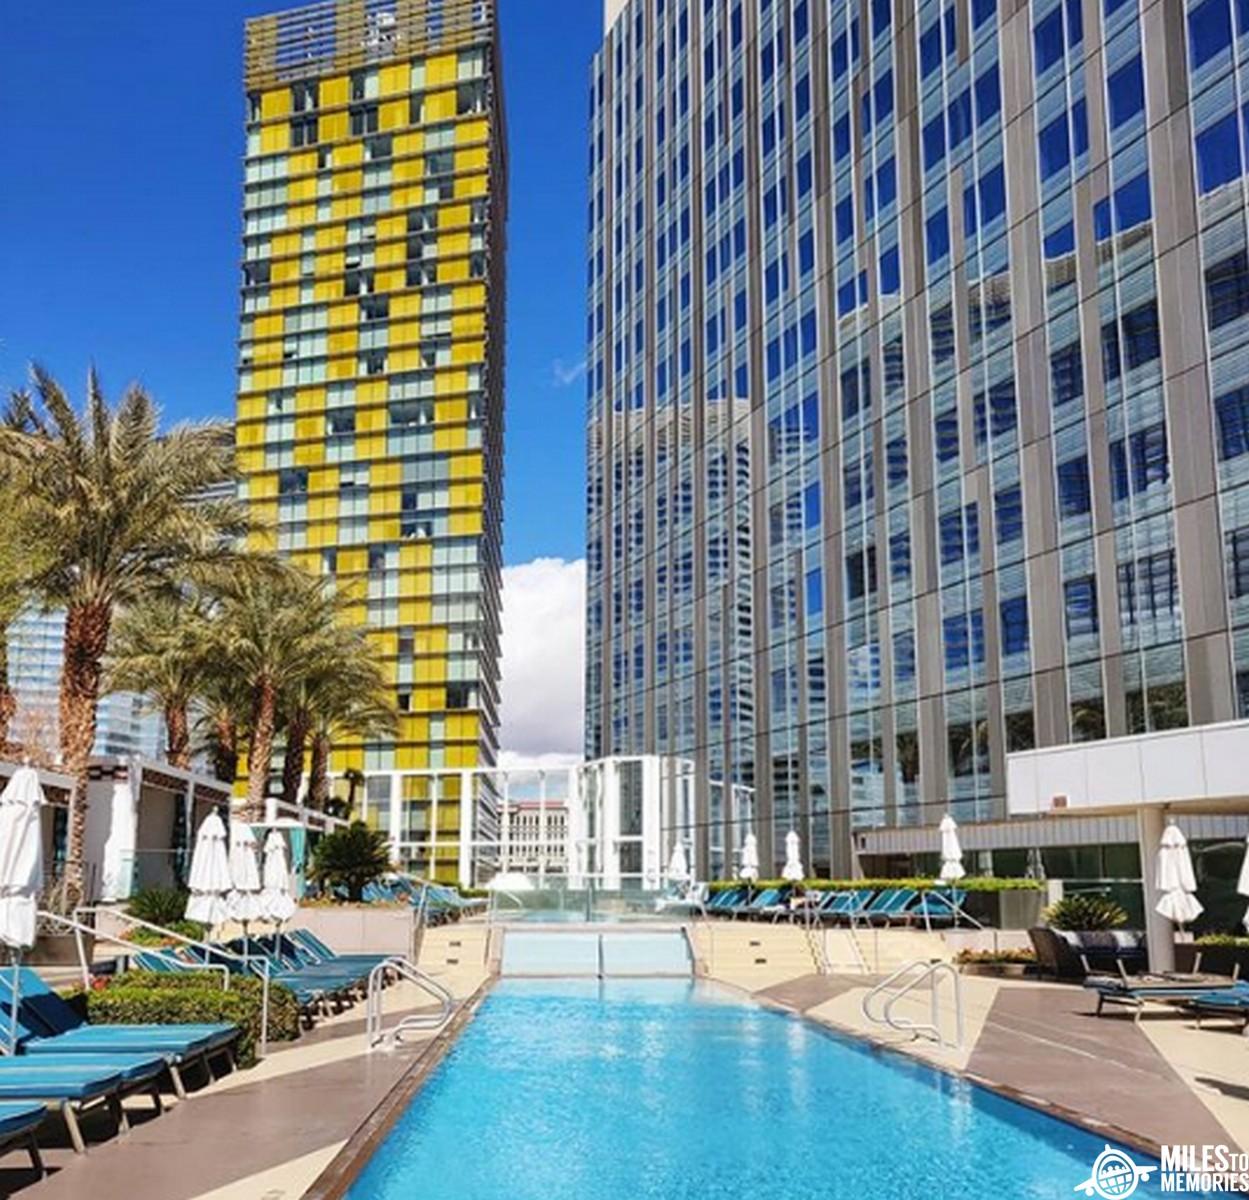 Hilton Honors devaluation